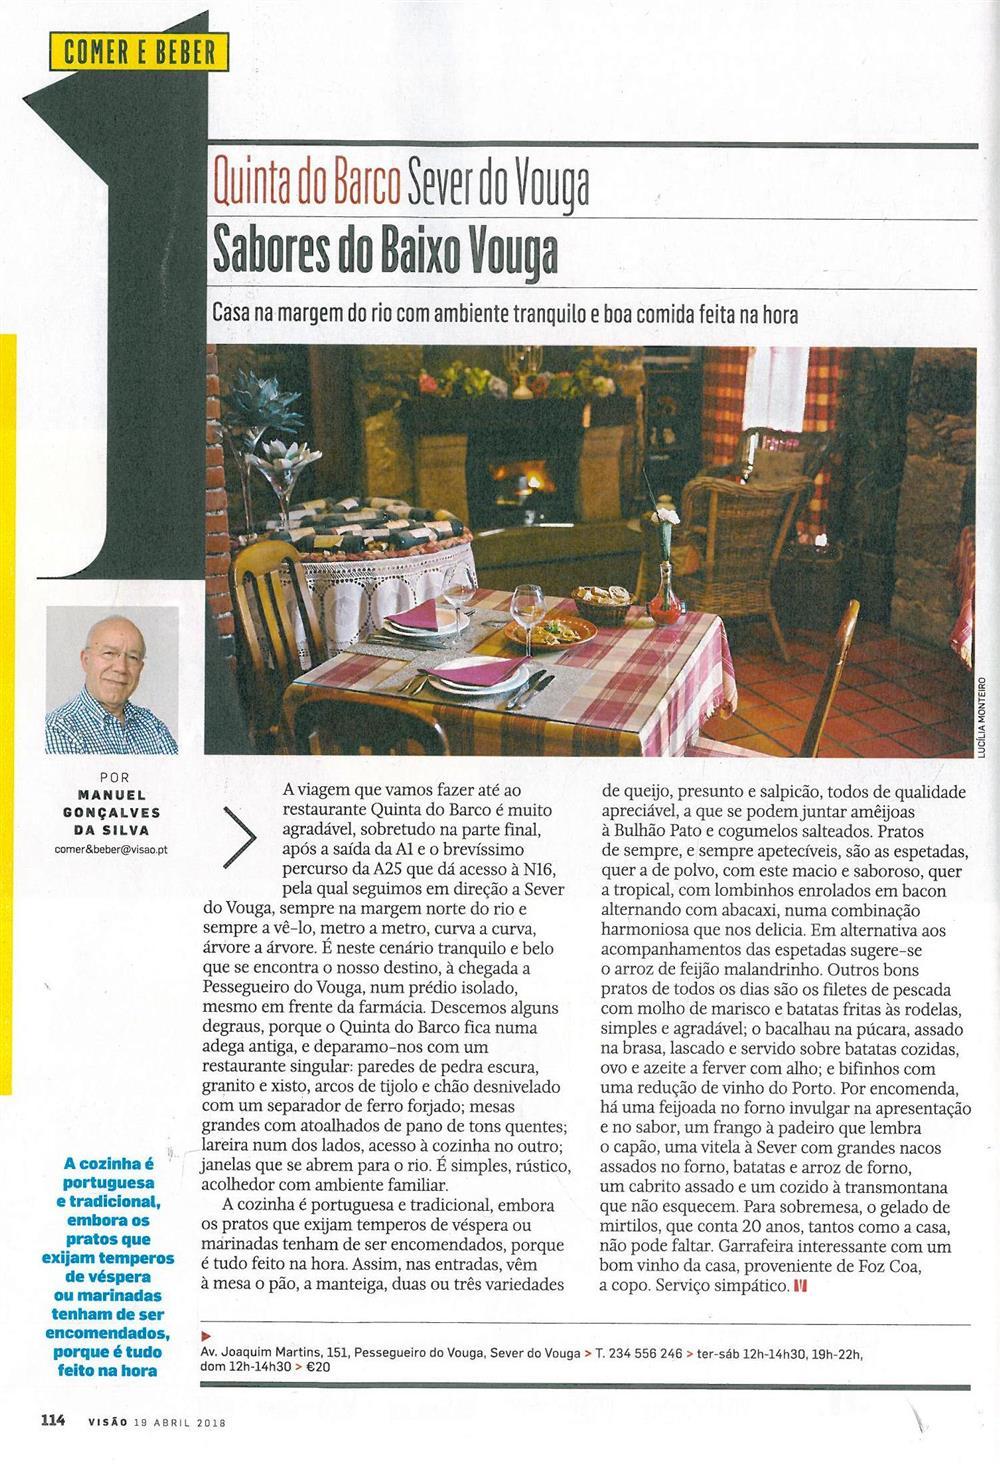 Visão-19abr'18-p.114-Sabores do Baixo Vouga : Quinta do Barco : Sever do Vouga.jpg